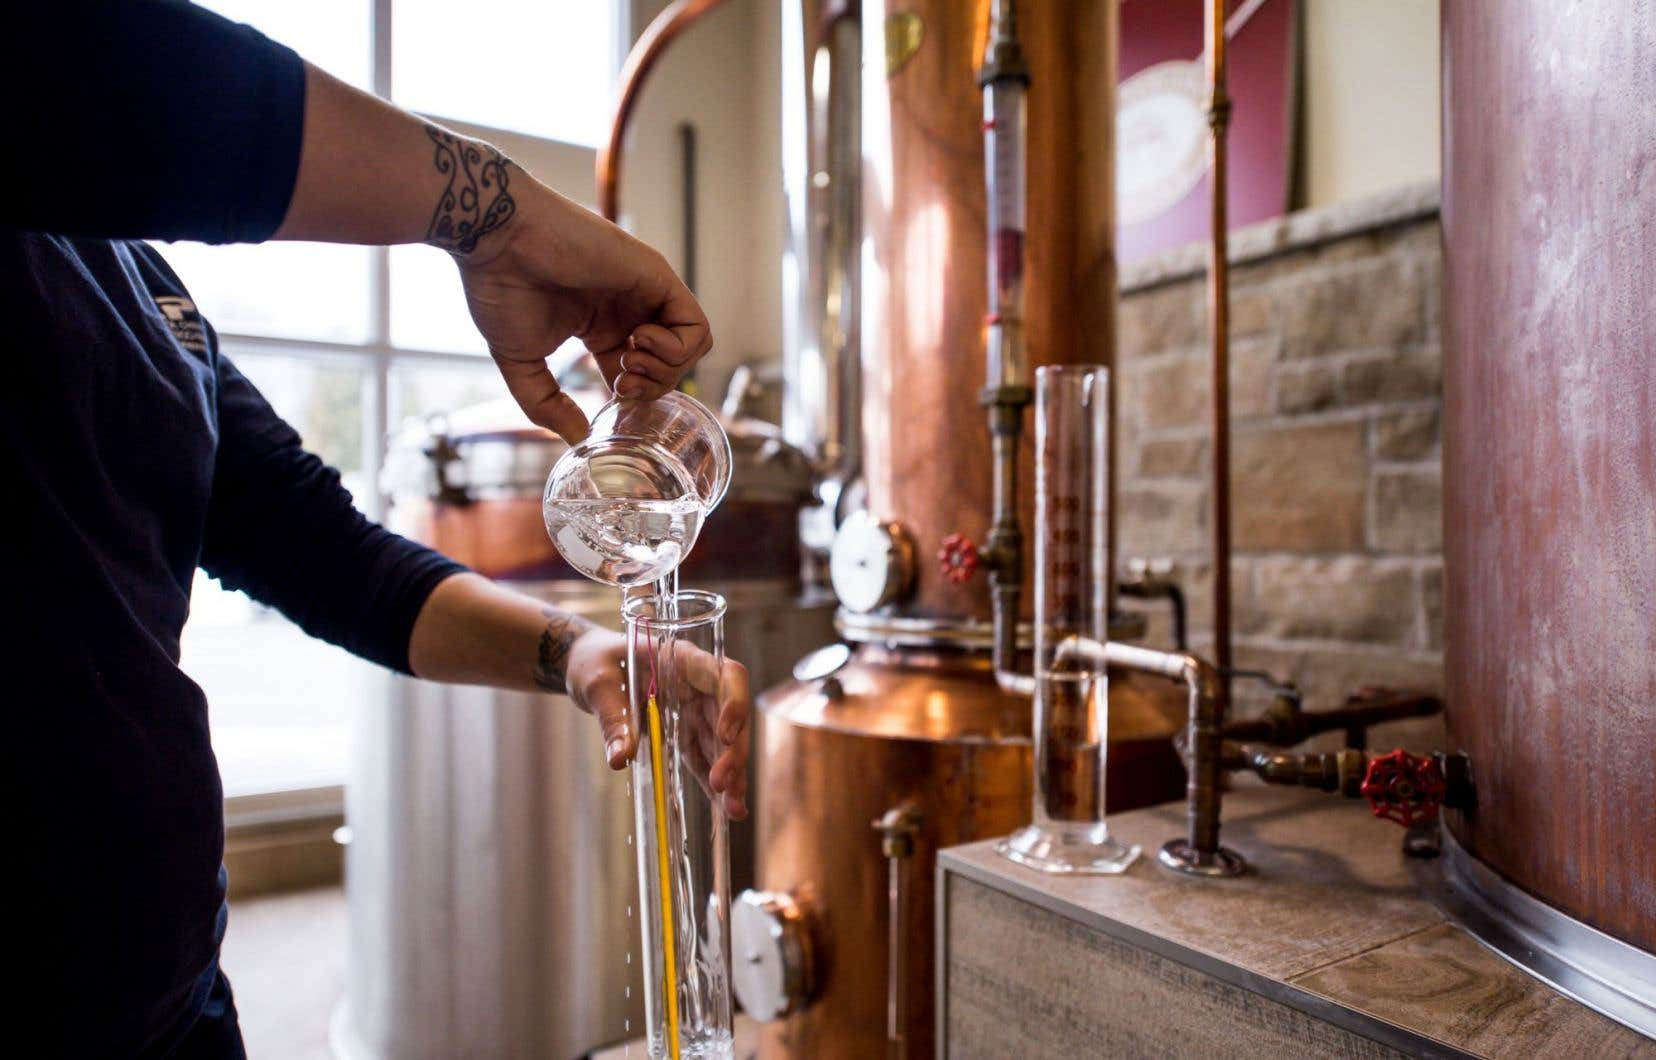 Les microdistilleries qui utilisent des alcools 100% québécois, comme celle du Domaine Lafrance (en photo), n'ont aucun avantage par rapport à celles qui utilisent de l'alcool fabriqué ailleurs.